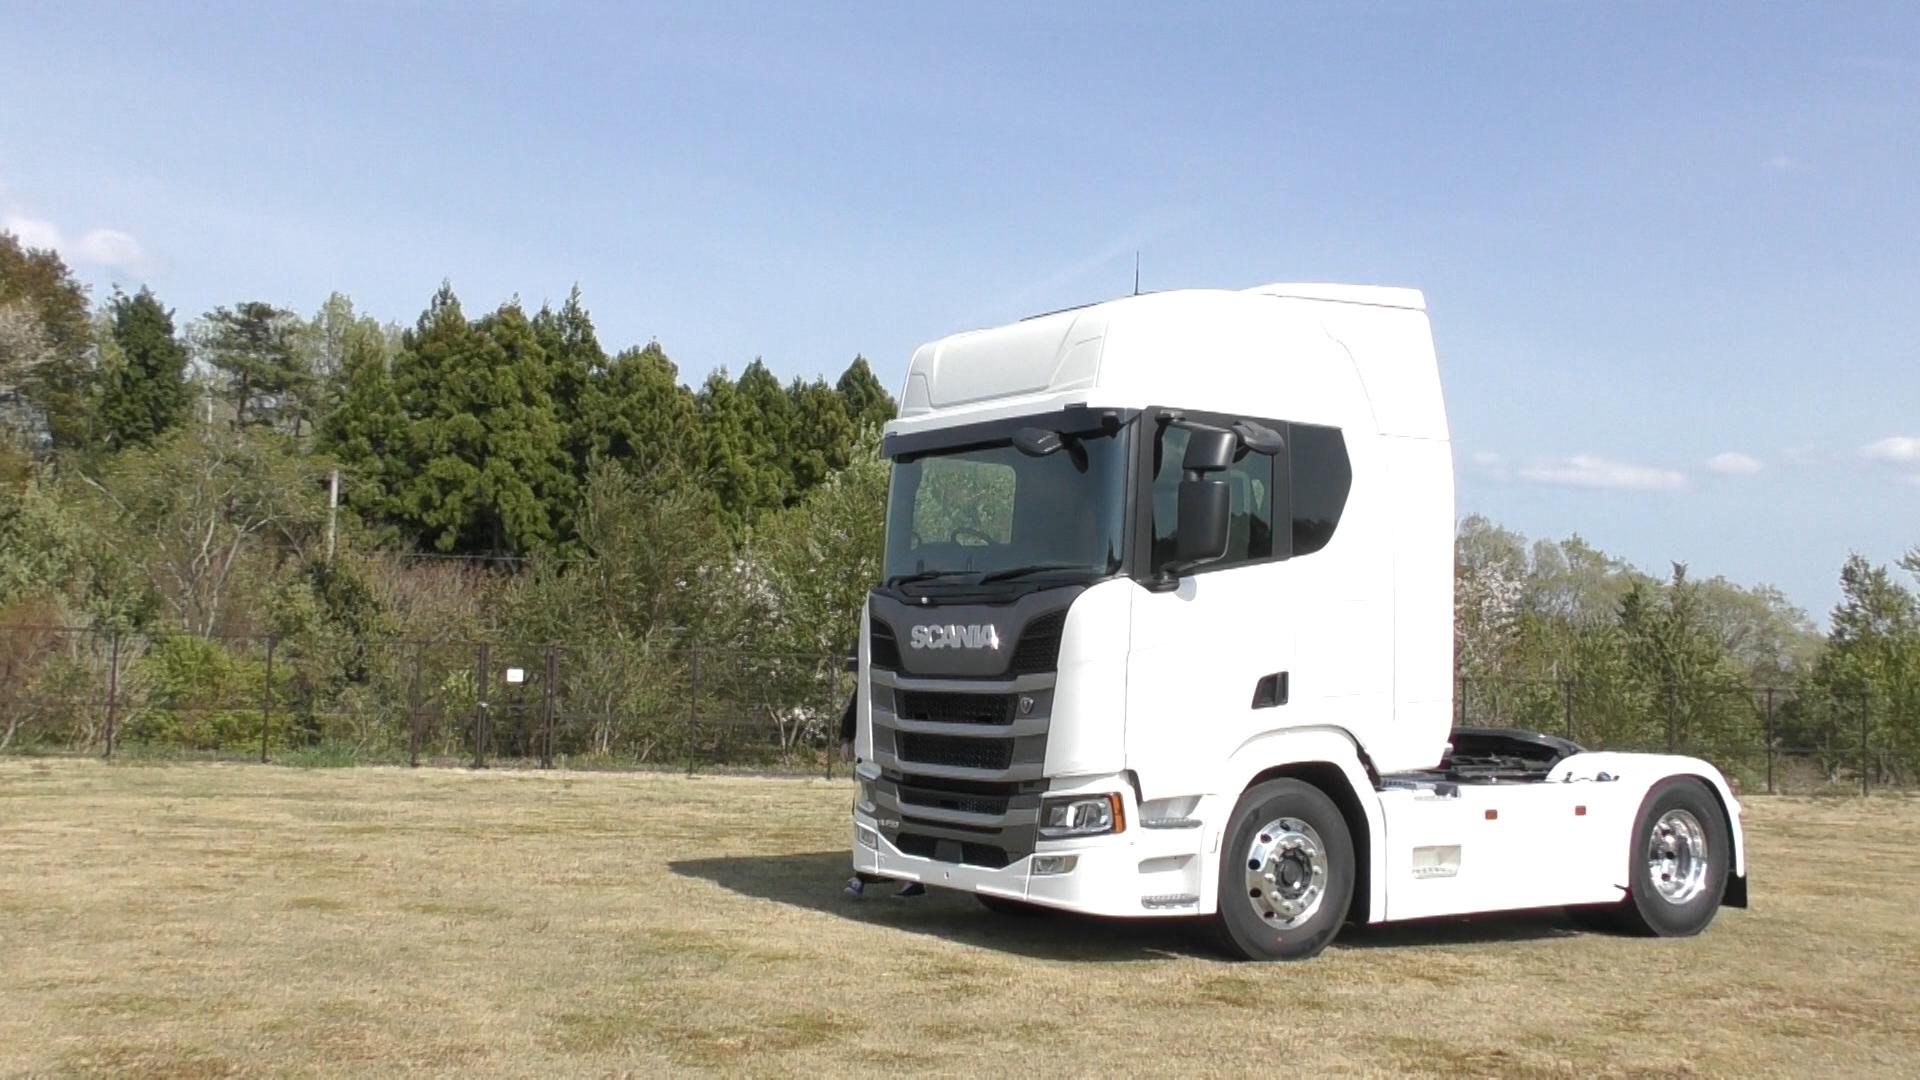 「大型トラックは運転席を丸ごと前倒しできるって知ってました?【新型スカニア・R450】」の11枚目の画像